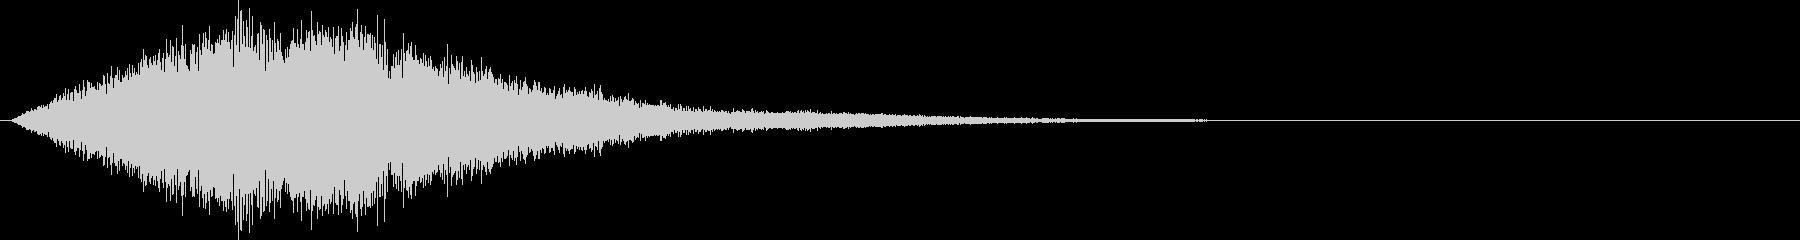 ブーン(レーシングカー)の未再生の波形